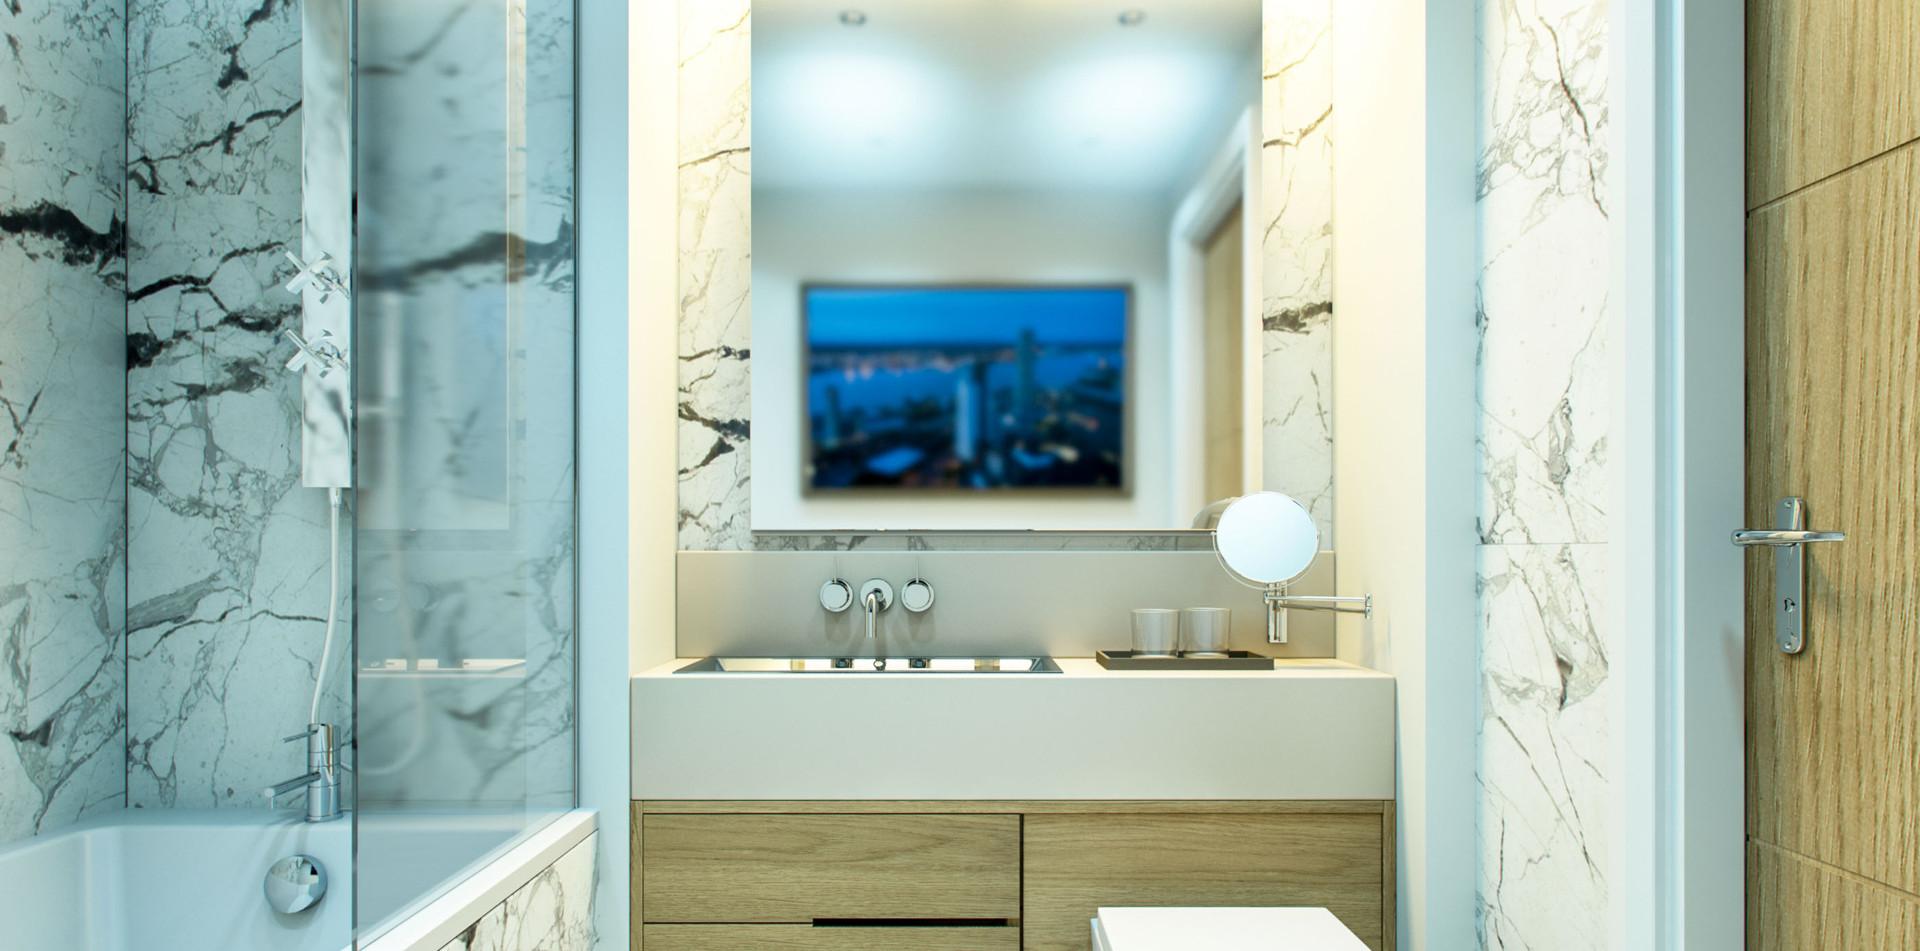 2 & 3 Bed - En-suite bathrooms.jpg